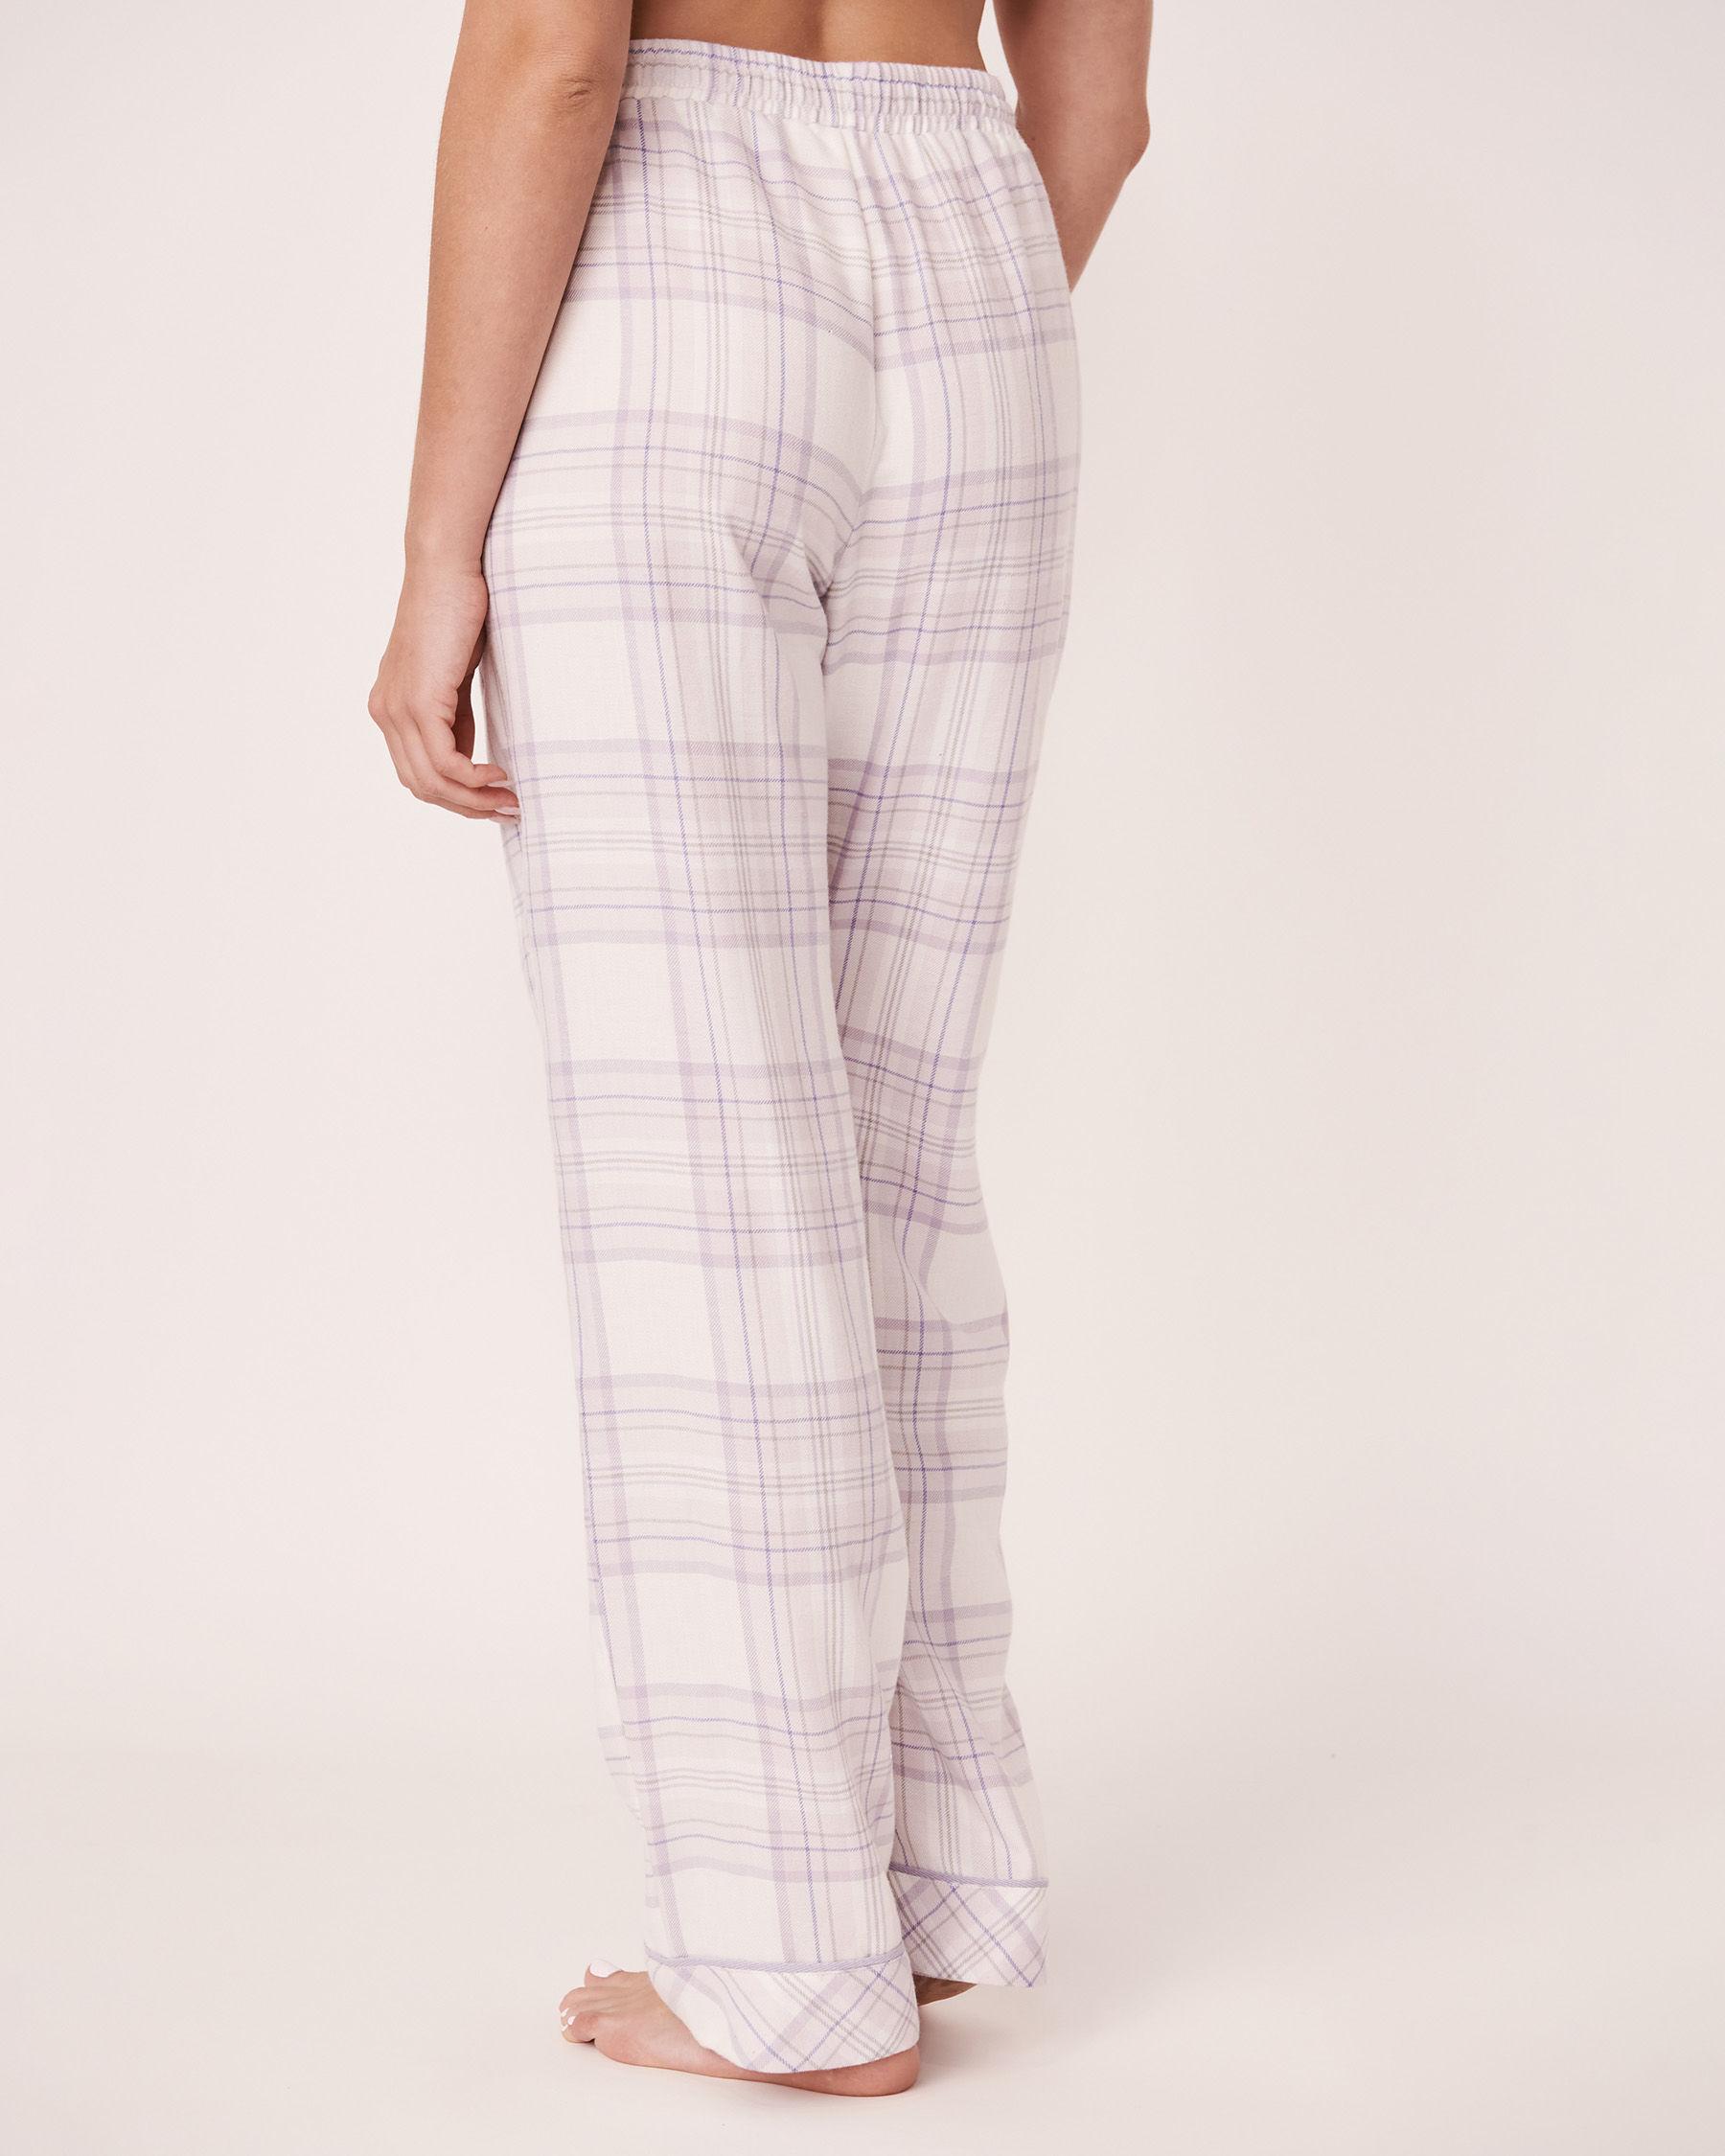 LA VIE EN ROSE Flannel Wide Leg Pyjama Pant Lavender-blue plaid 40200130 - View2